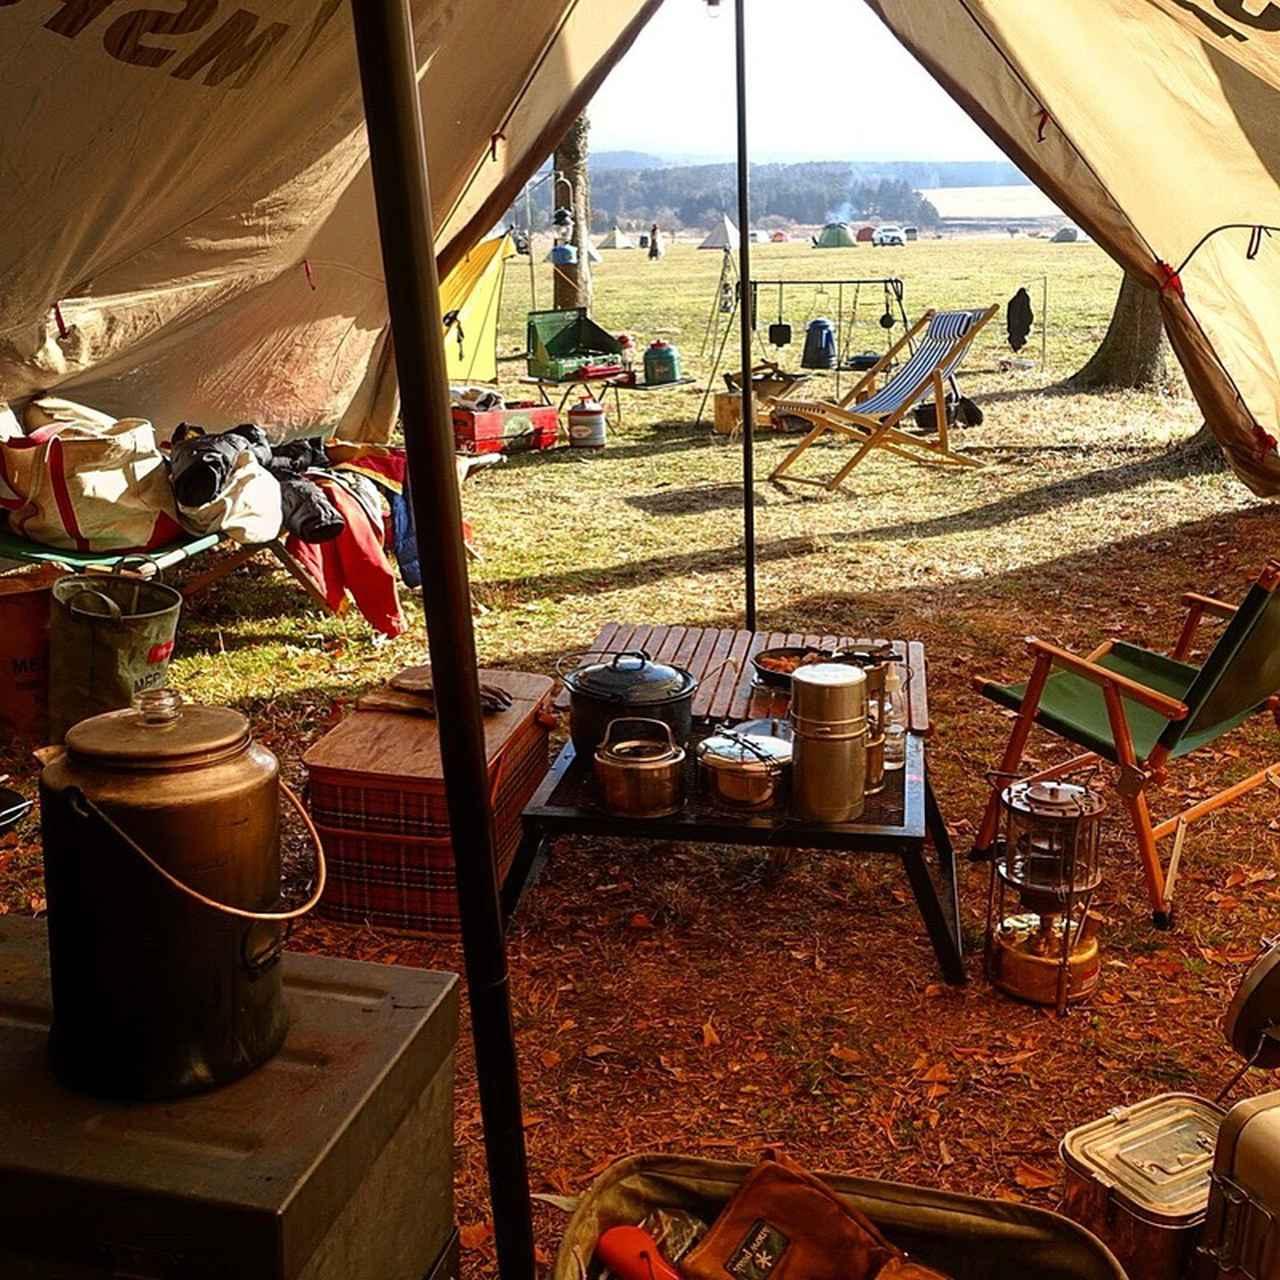 画像: キャンプは防災にもなり生涯できる自然体験 自分流にアレンジする楽しみも味わってみませんか